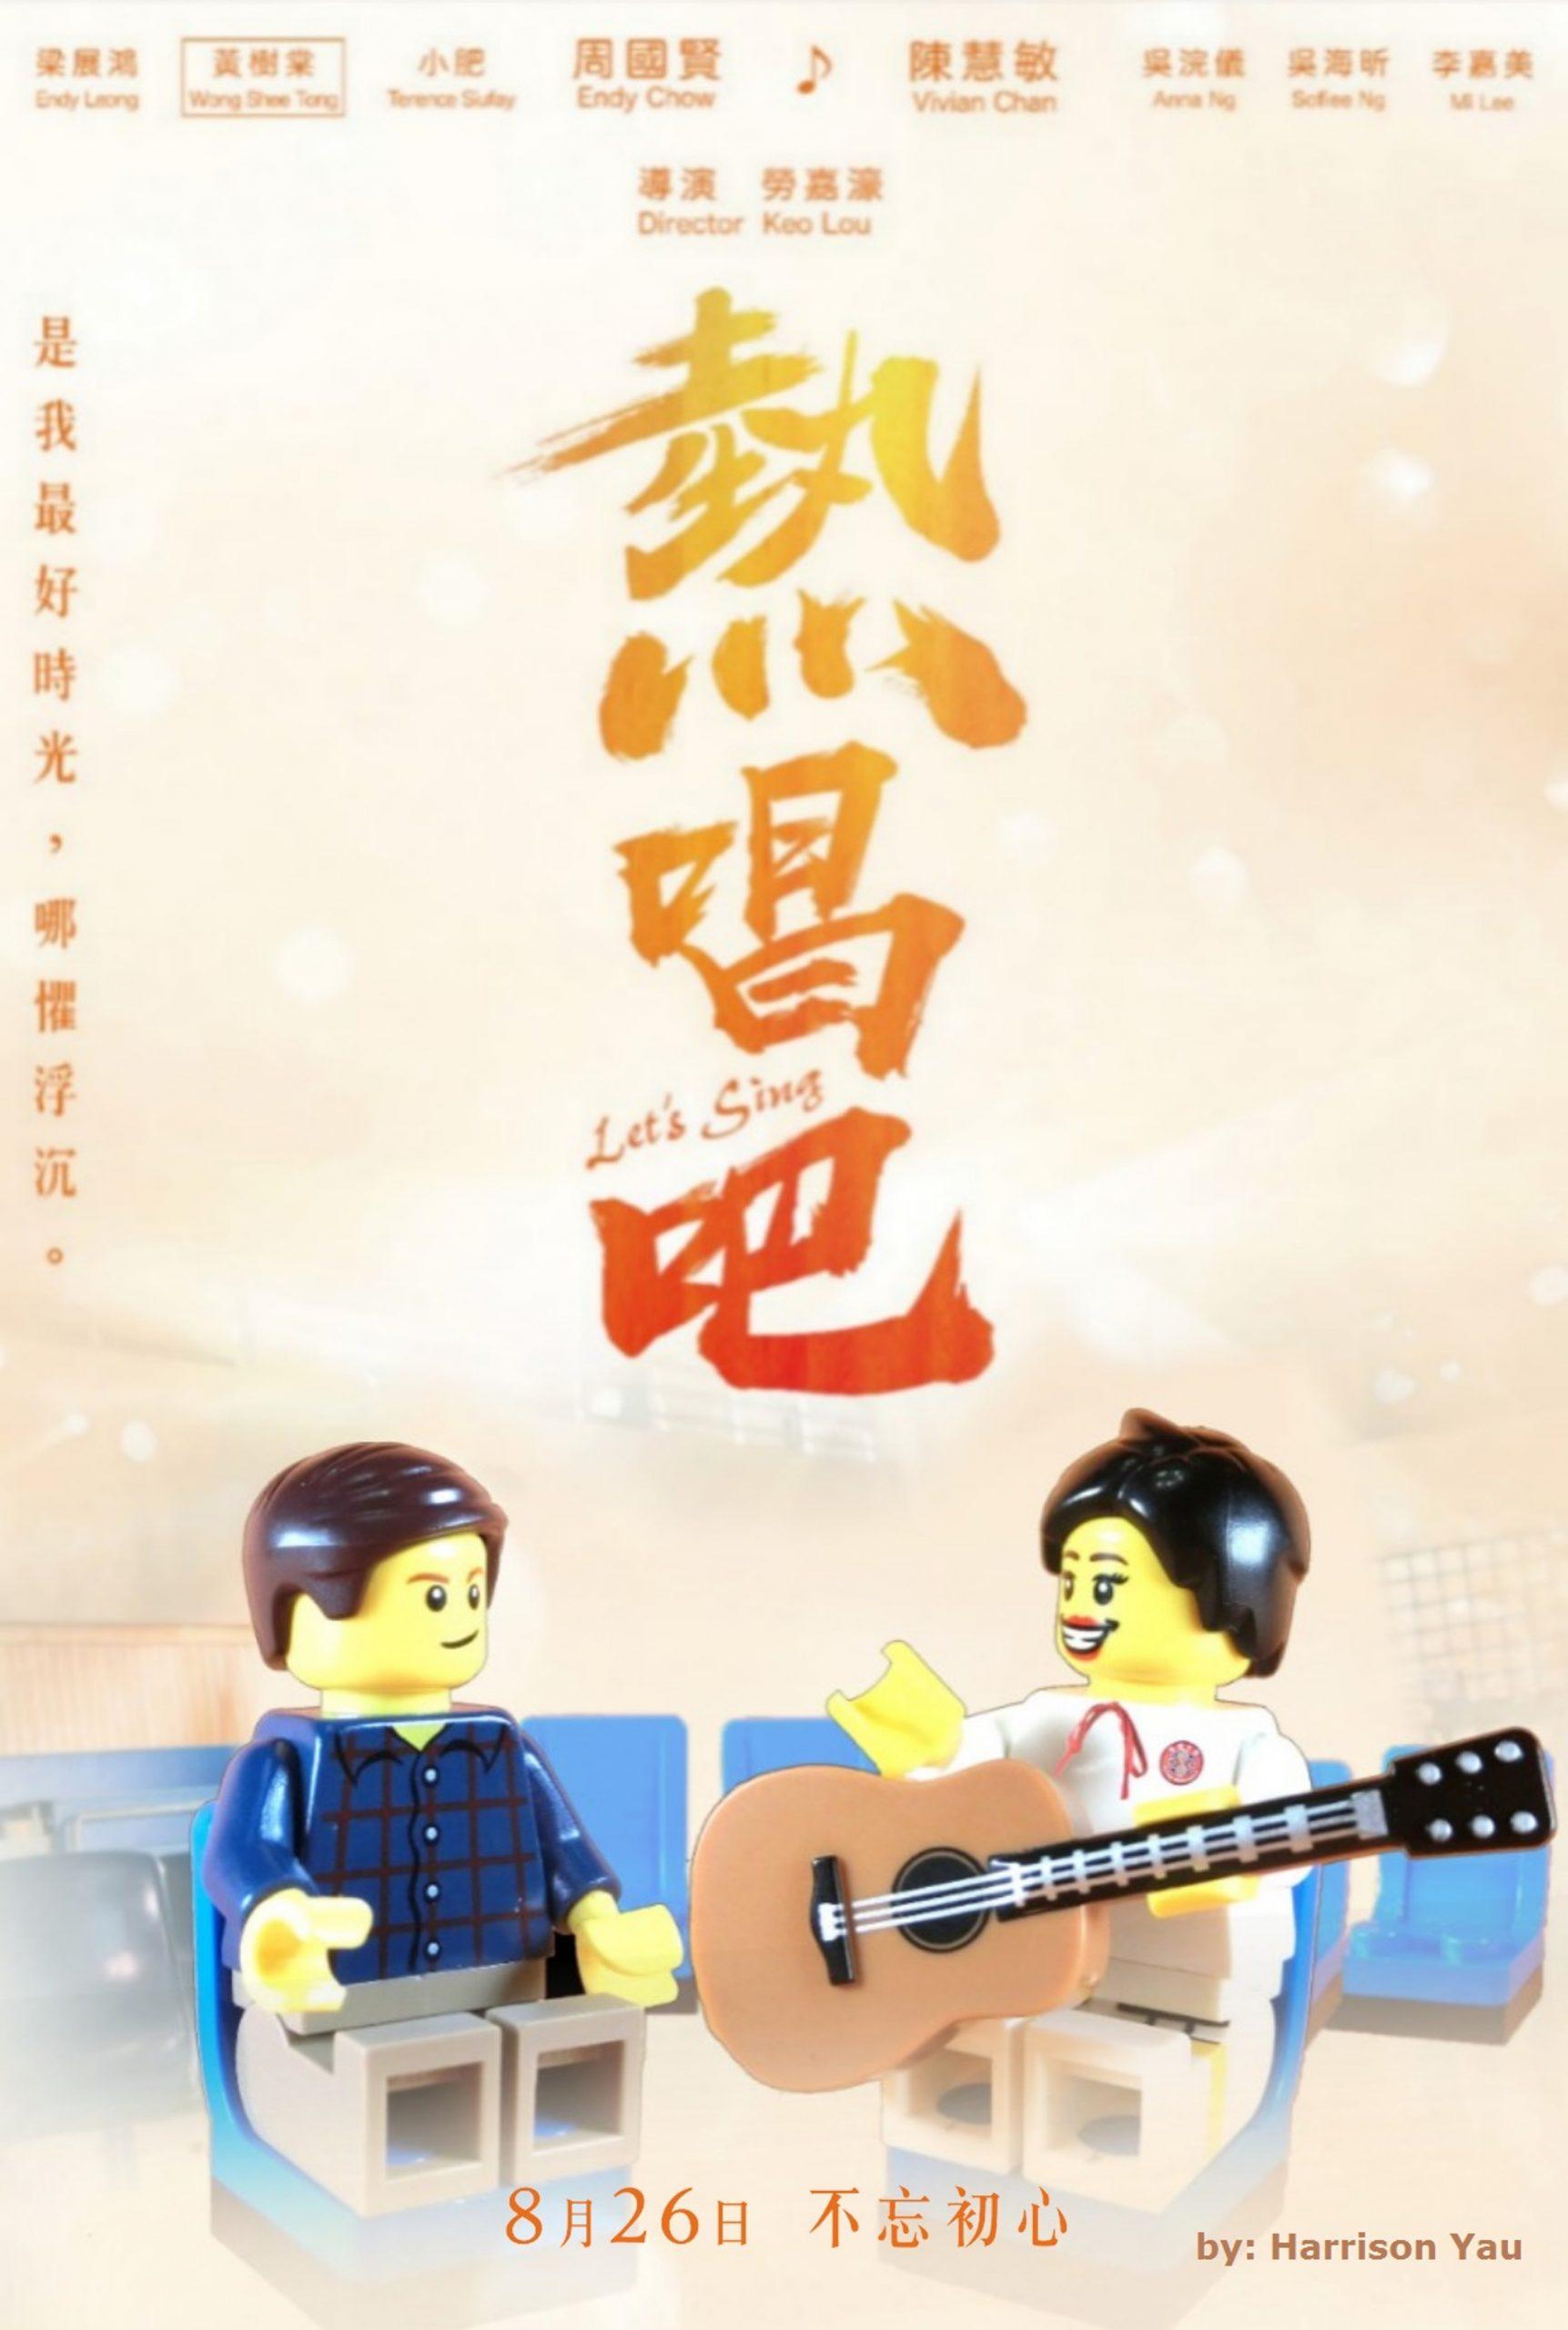 熱唱吧 飛夢映画 勞嘉濠 周國賢 陳慧敏 黃樹棠 電影影評 香港電影 音樂 師生 追夢 LEGO